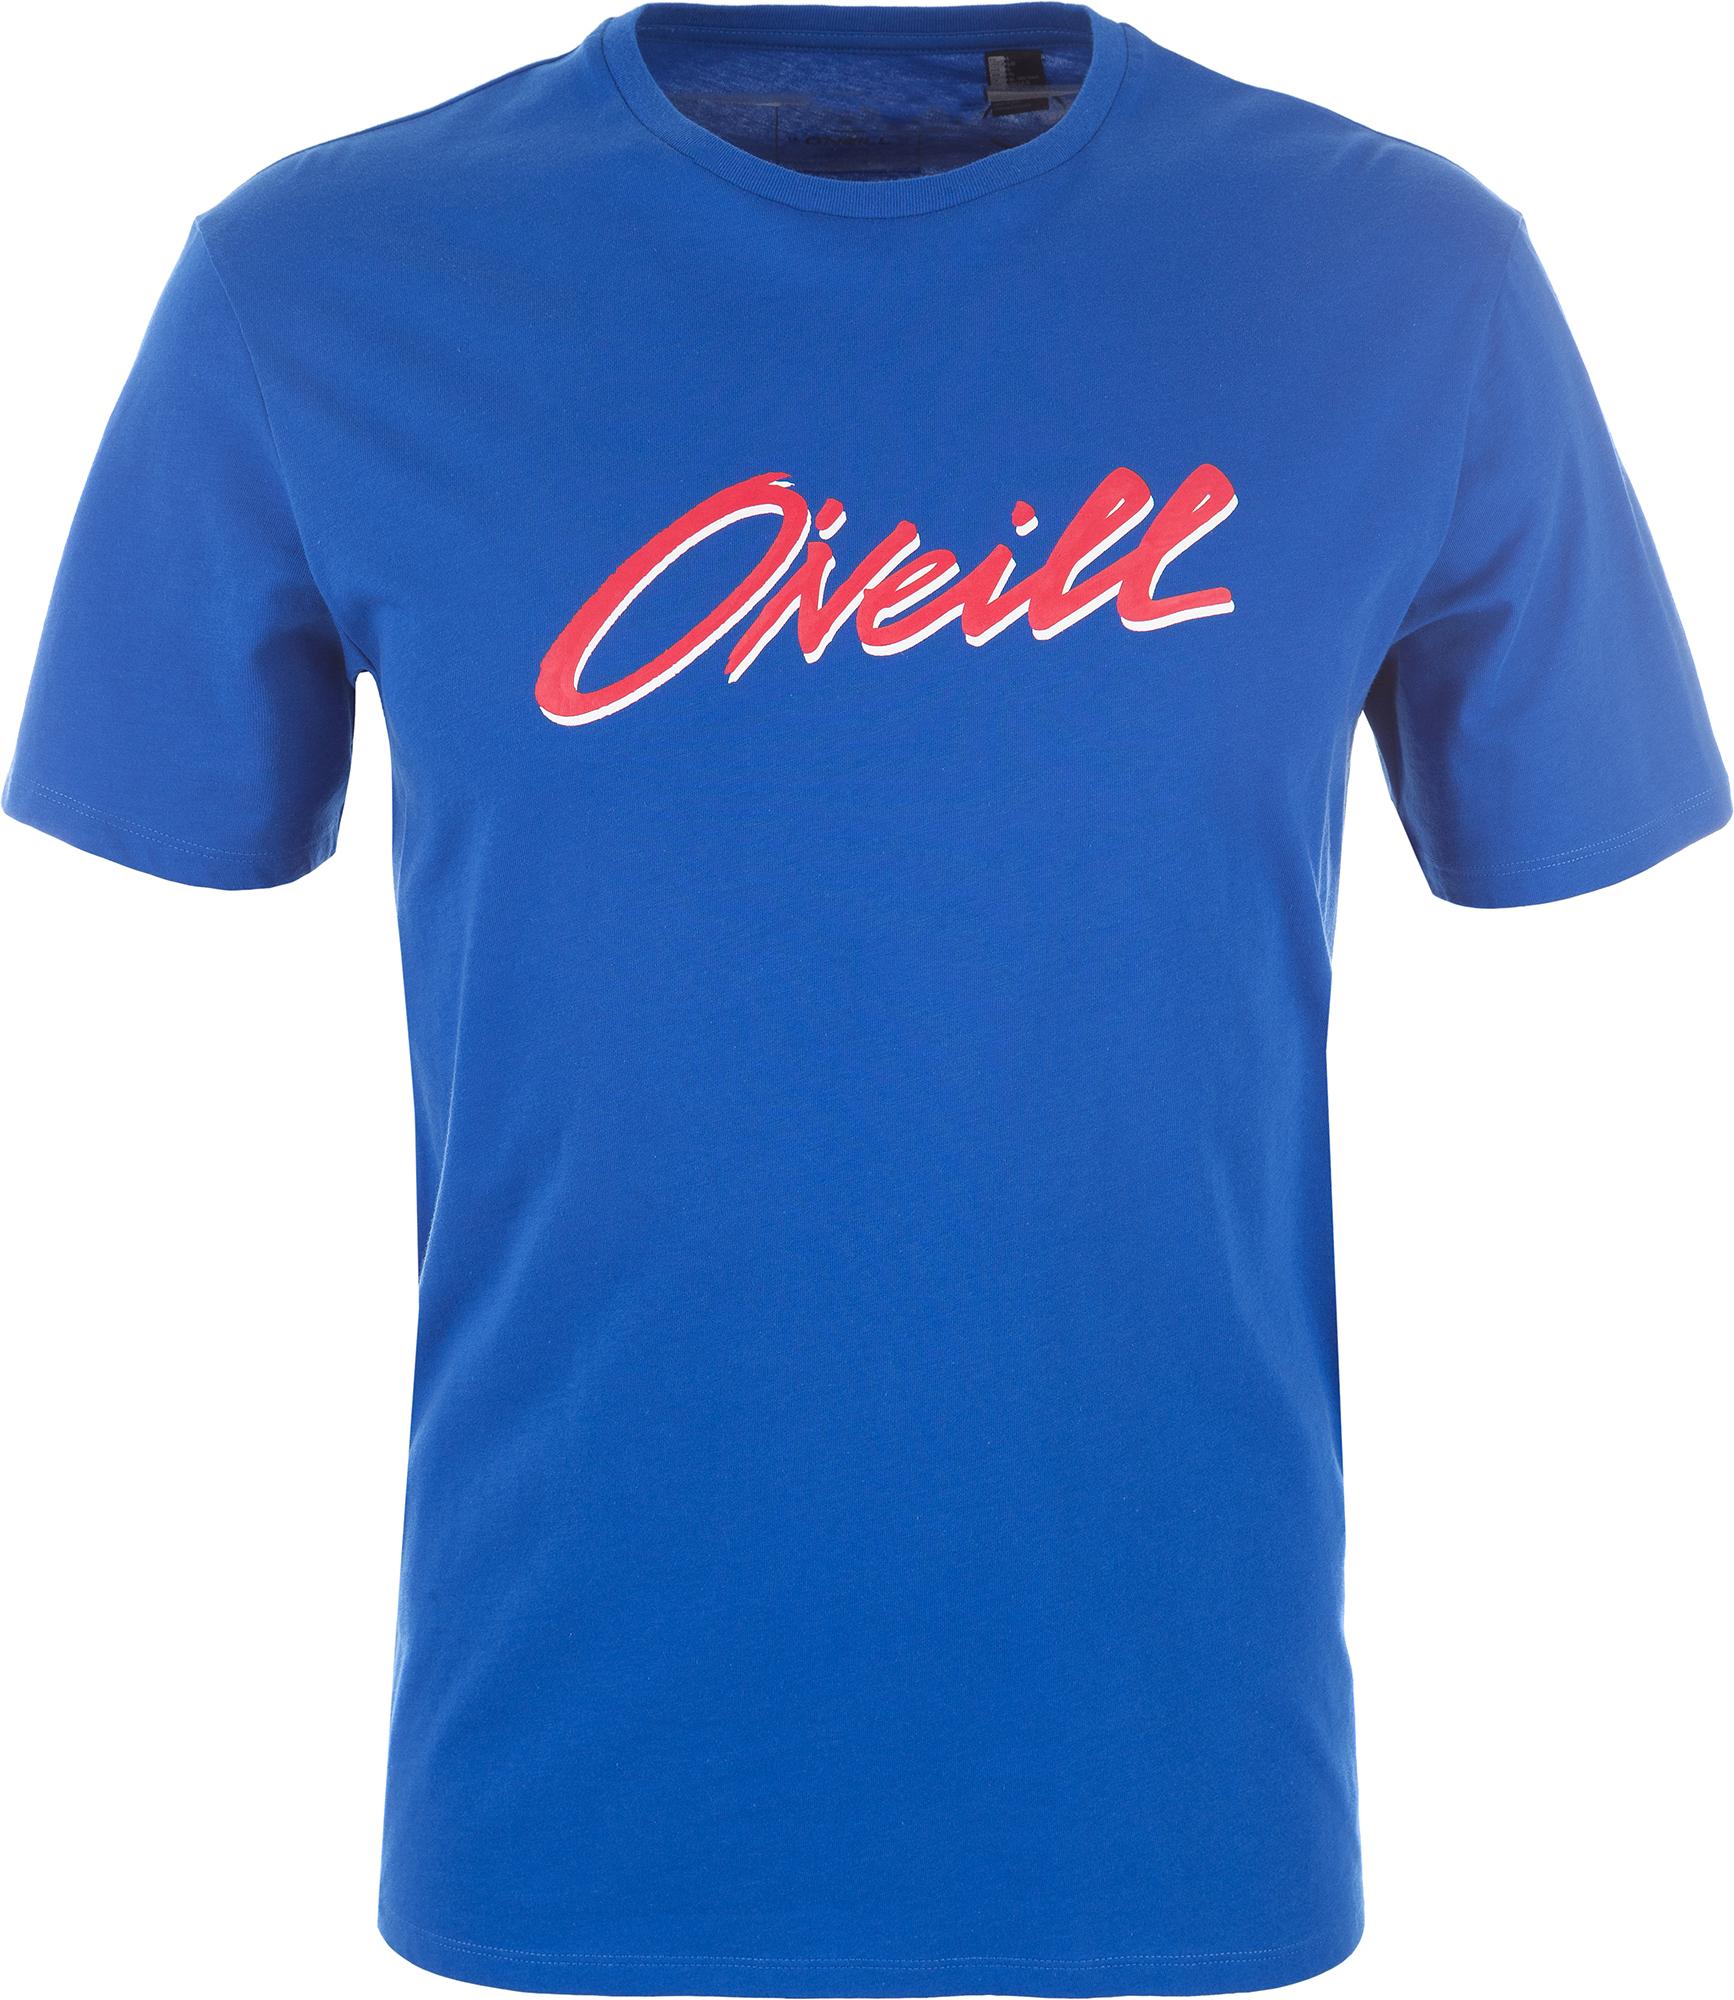 O'Neill Футболка мужская O'Neill Jacks Art, размер 54-56 футболка мужская o neill lm true surf t shirt цвет черный 8a3610 9010 размер xxl 54 56